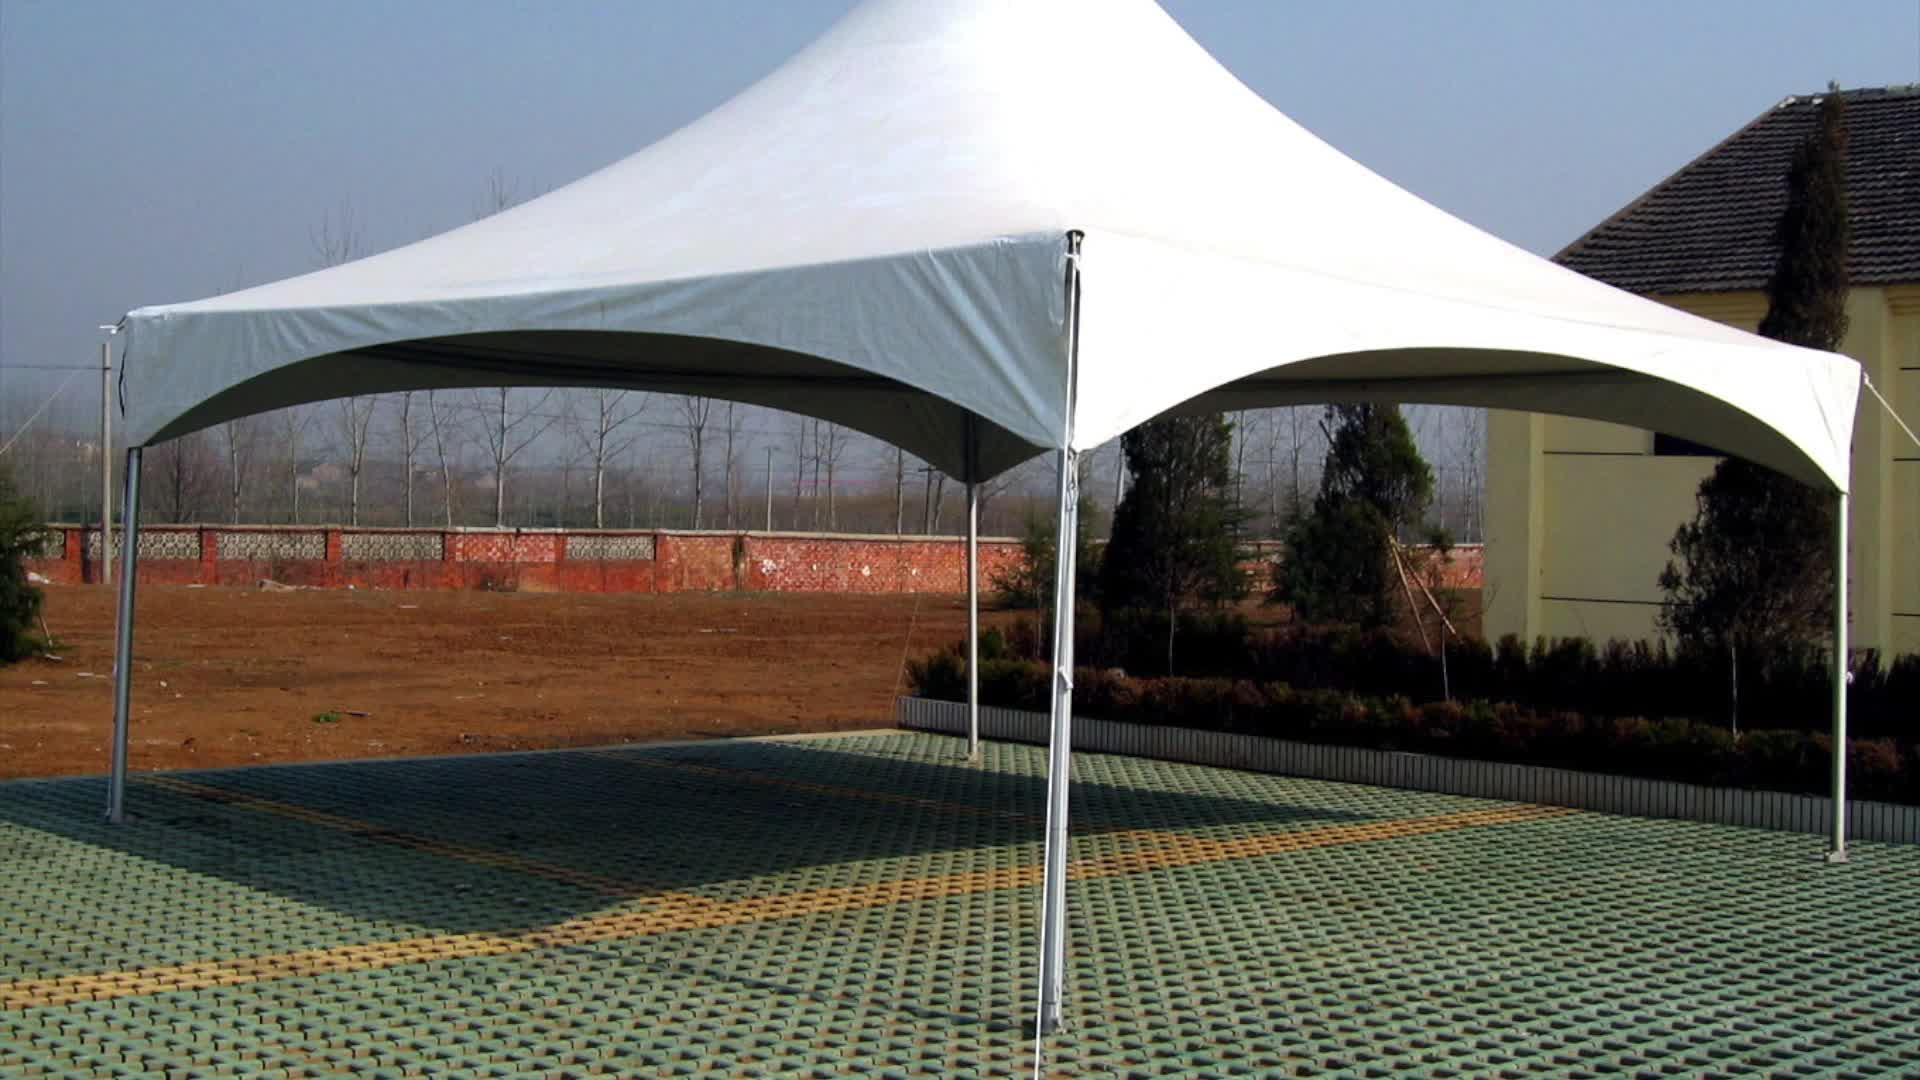 2020 Nieuwe Ontwerp Auto Parking Luifel Tenten Giant Pergola Carport